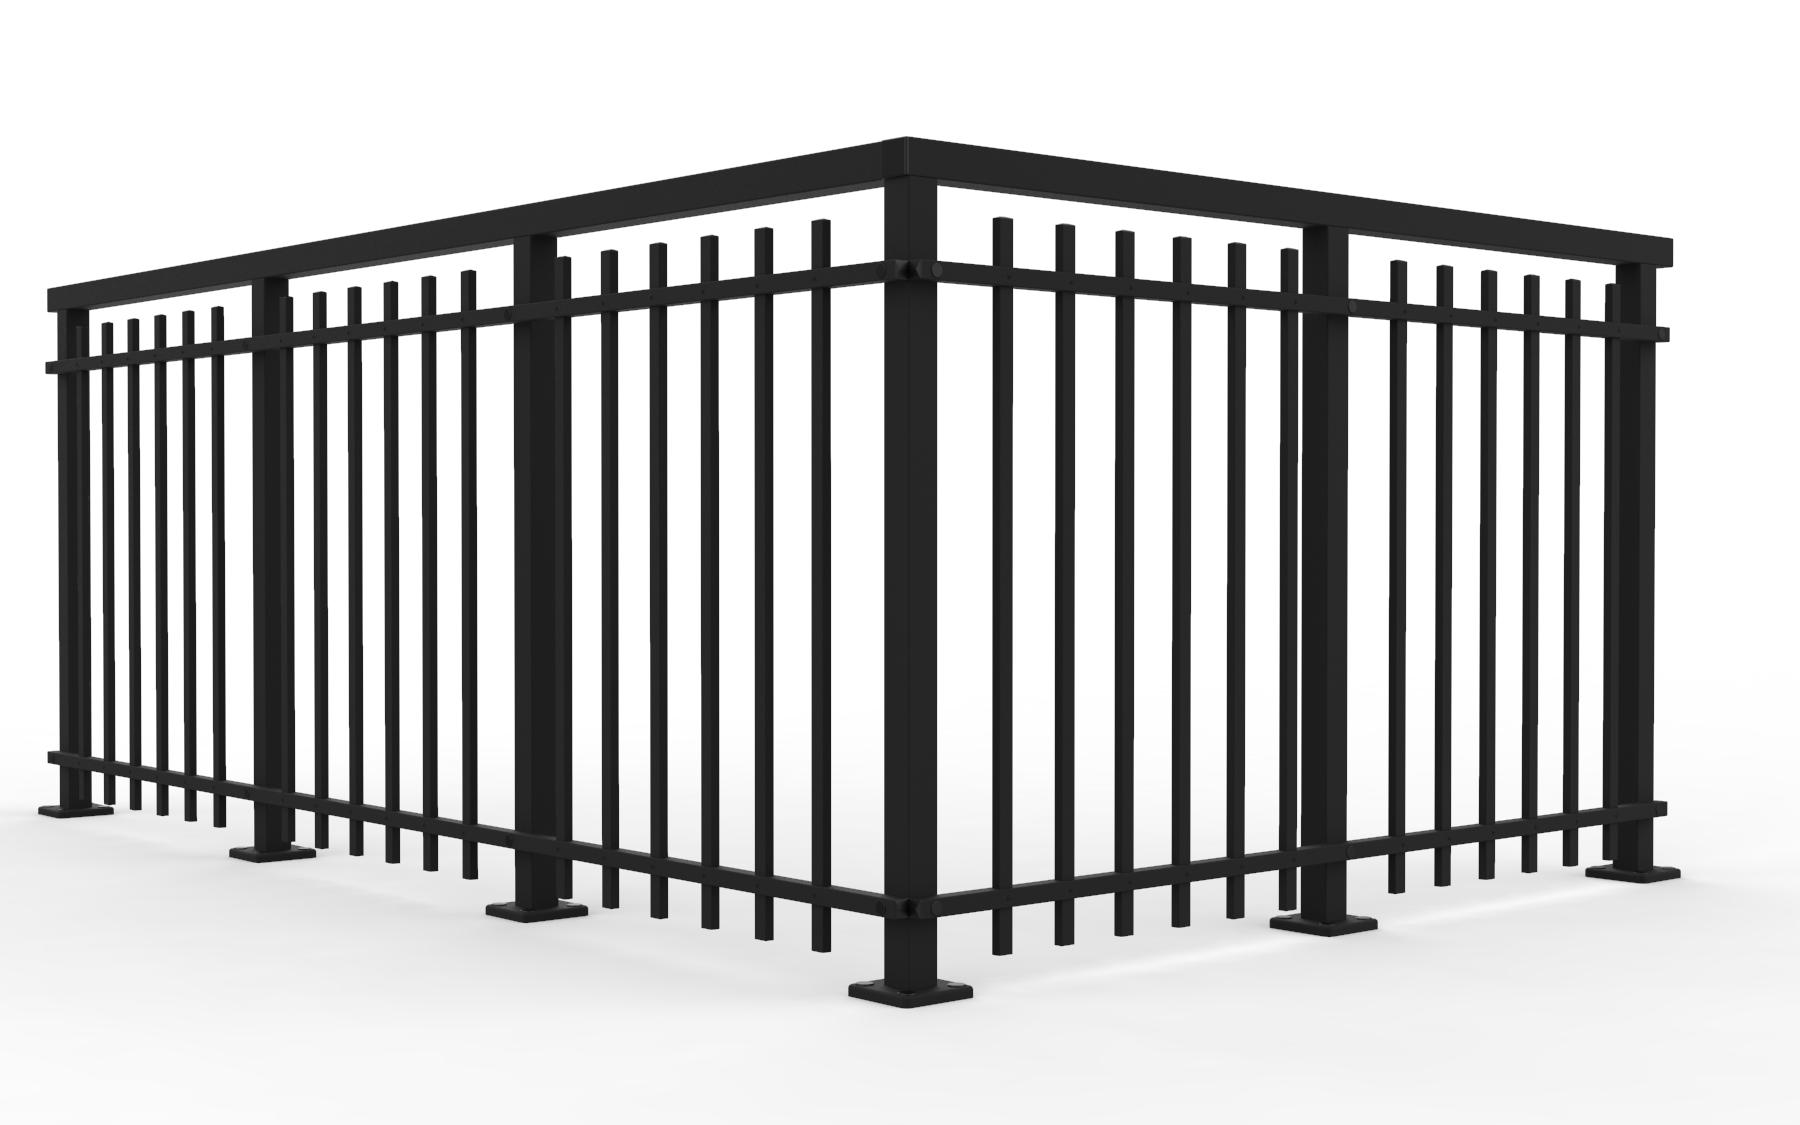 Alu Retro – Modernes Staketengeländer